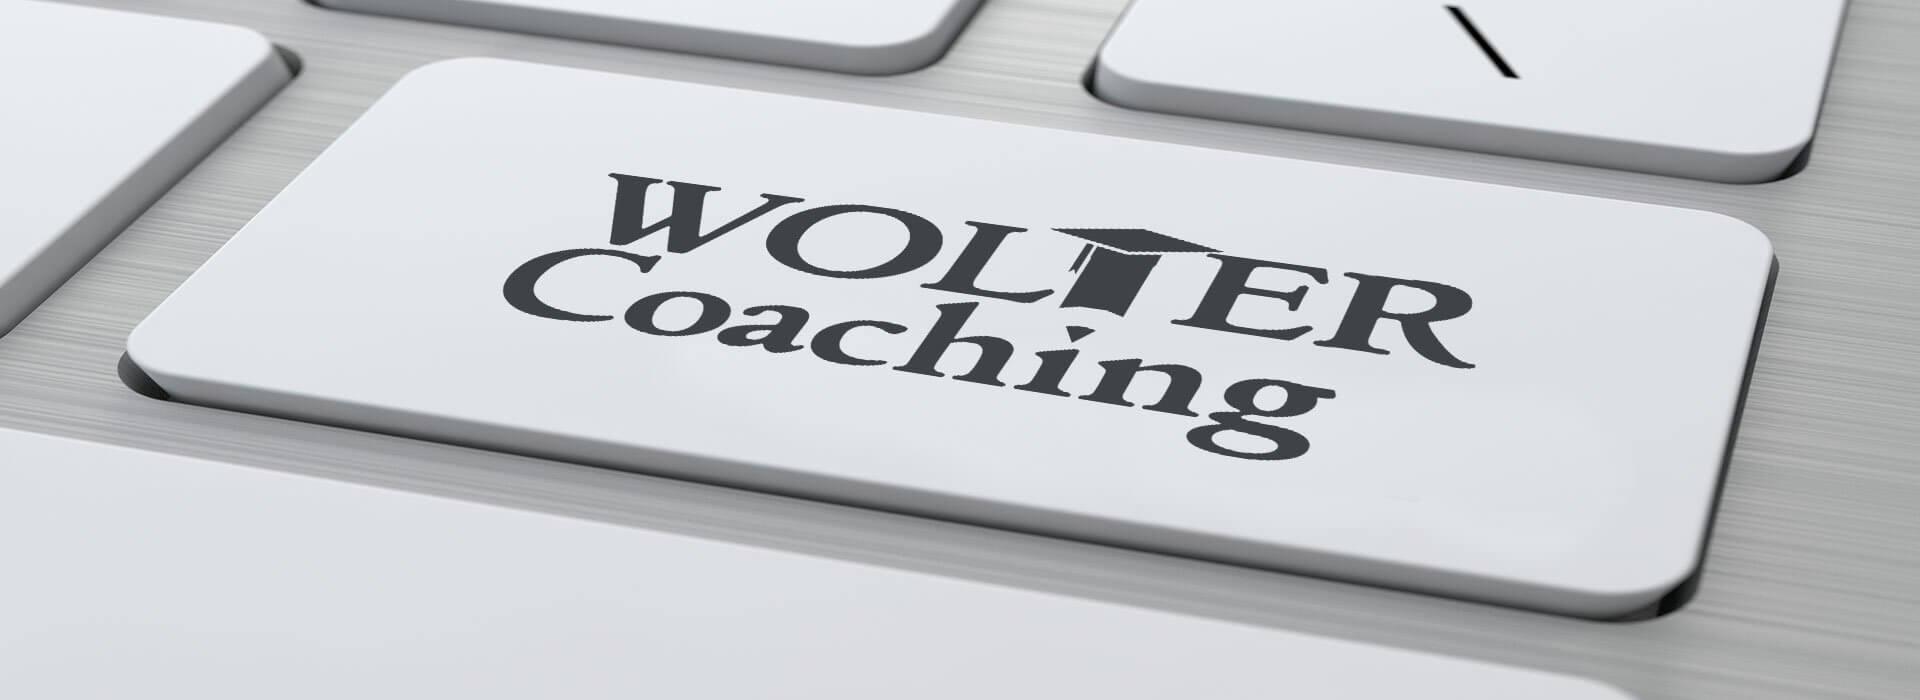 Bild Taste | Wolter Coaching